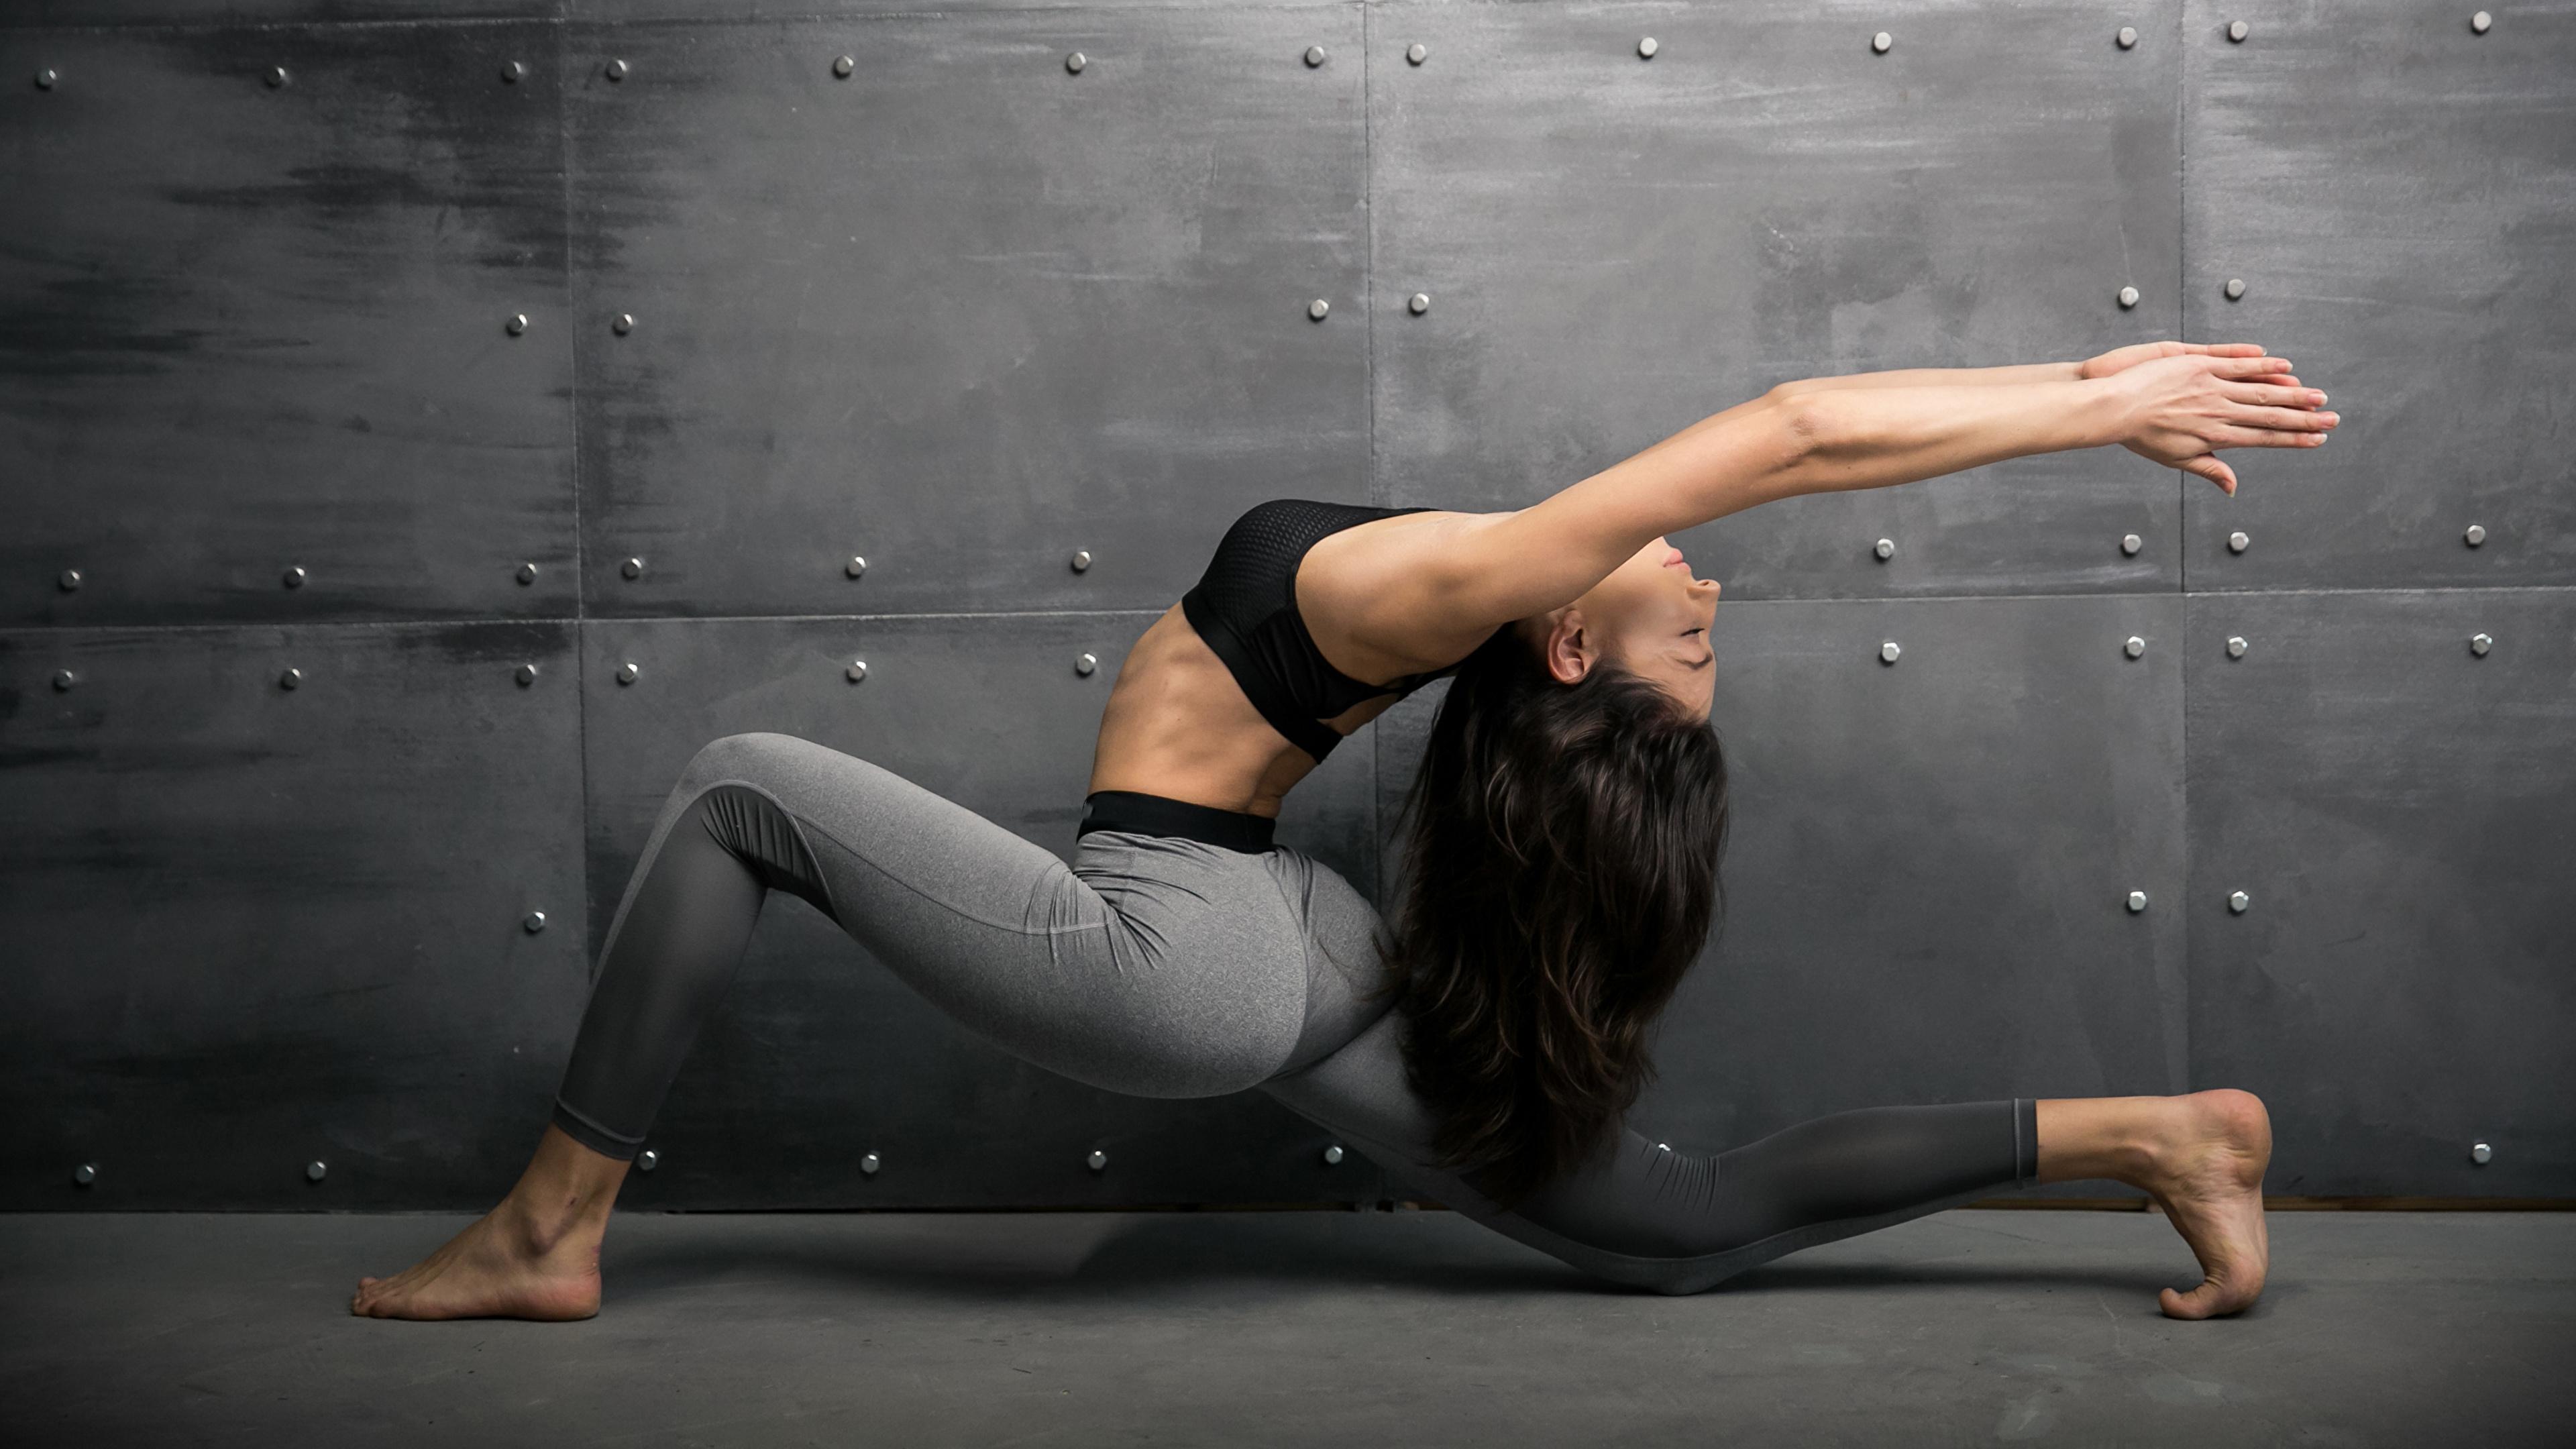 Картинки Шатенка Физические упражнения Фитнес Спорт Девушки Гимнастика Руки 3840x2160 Тренировка